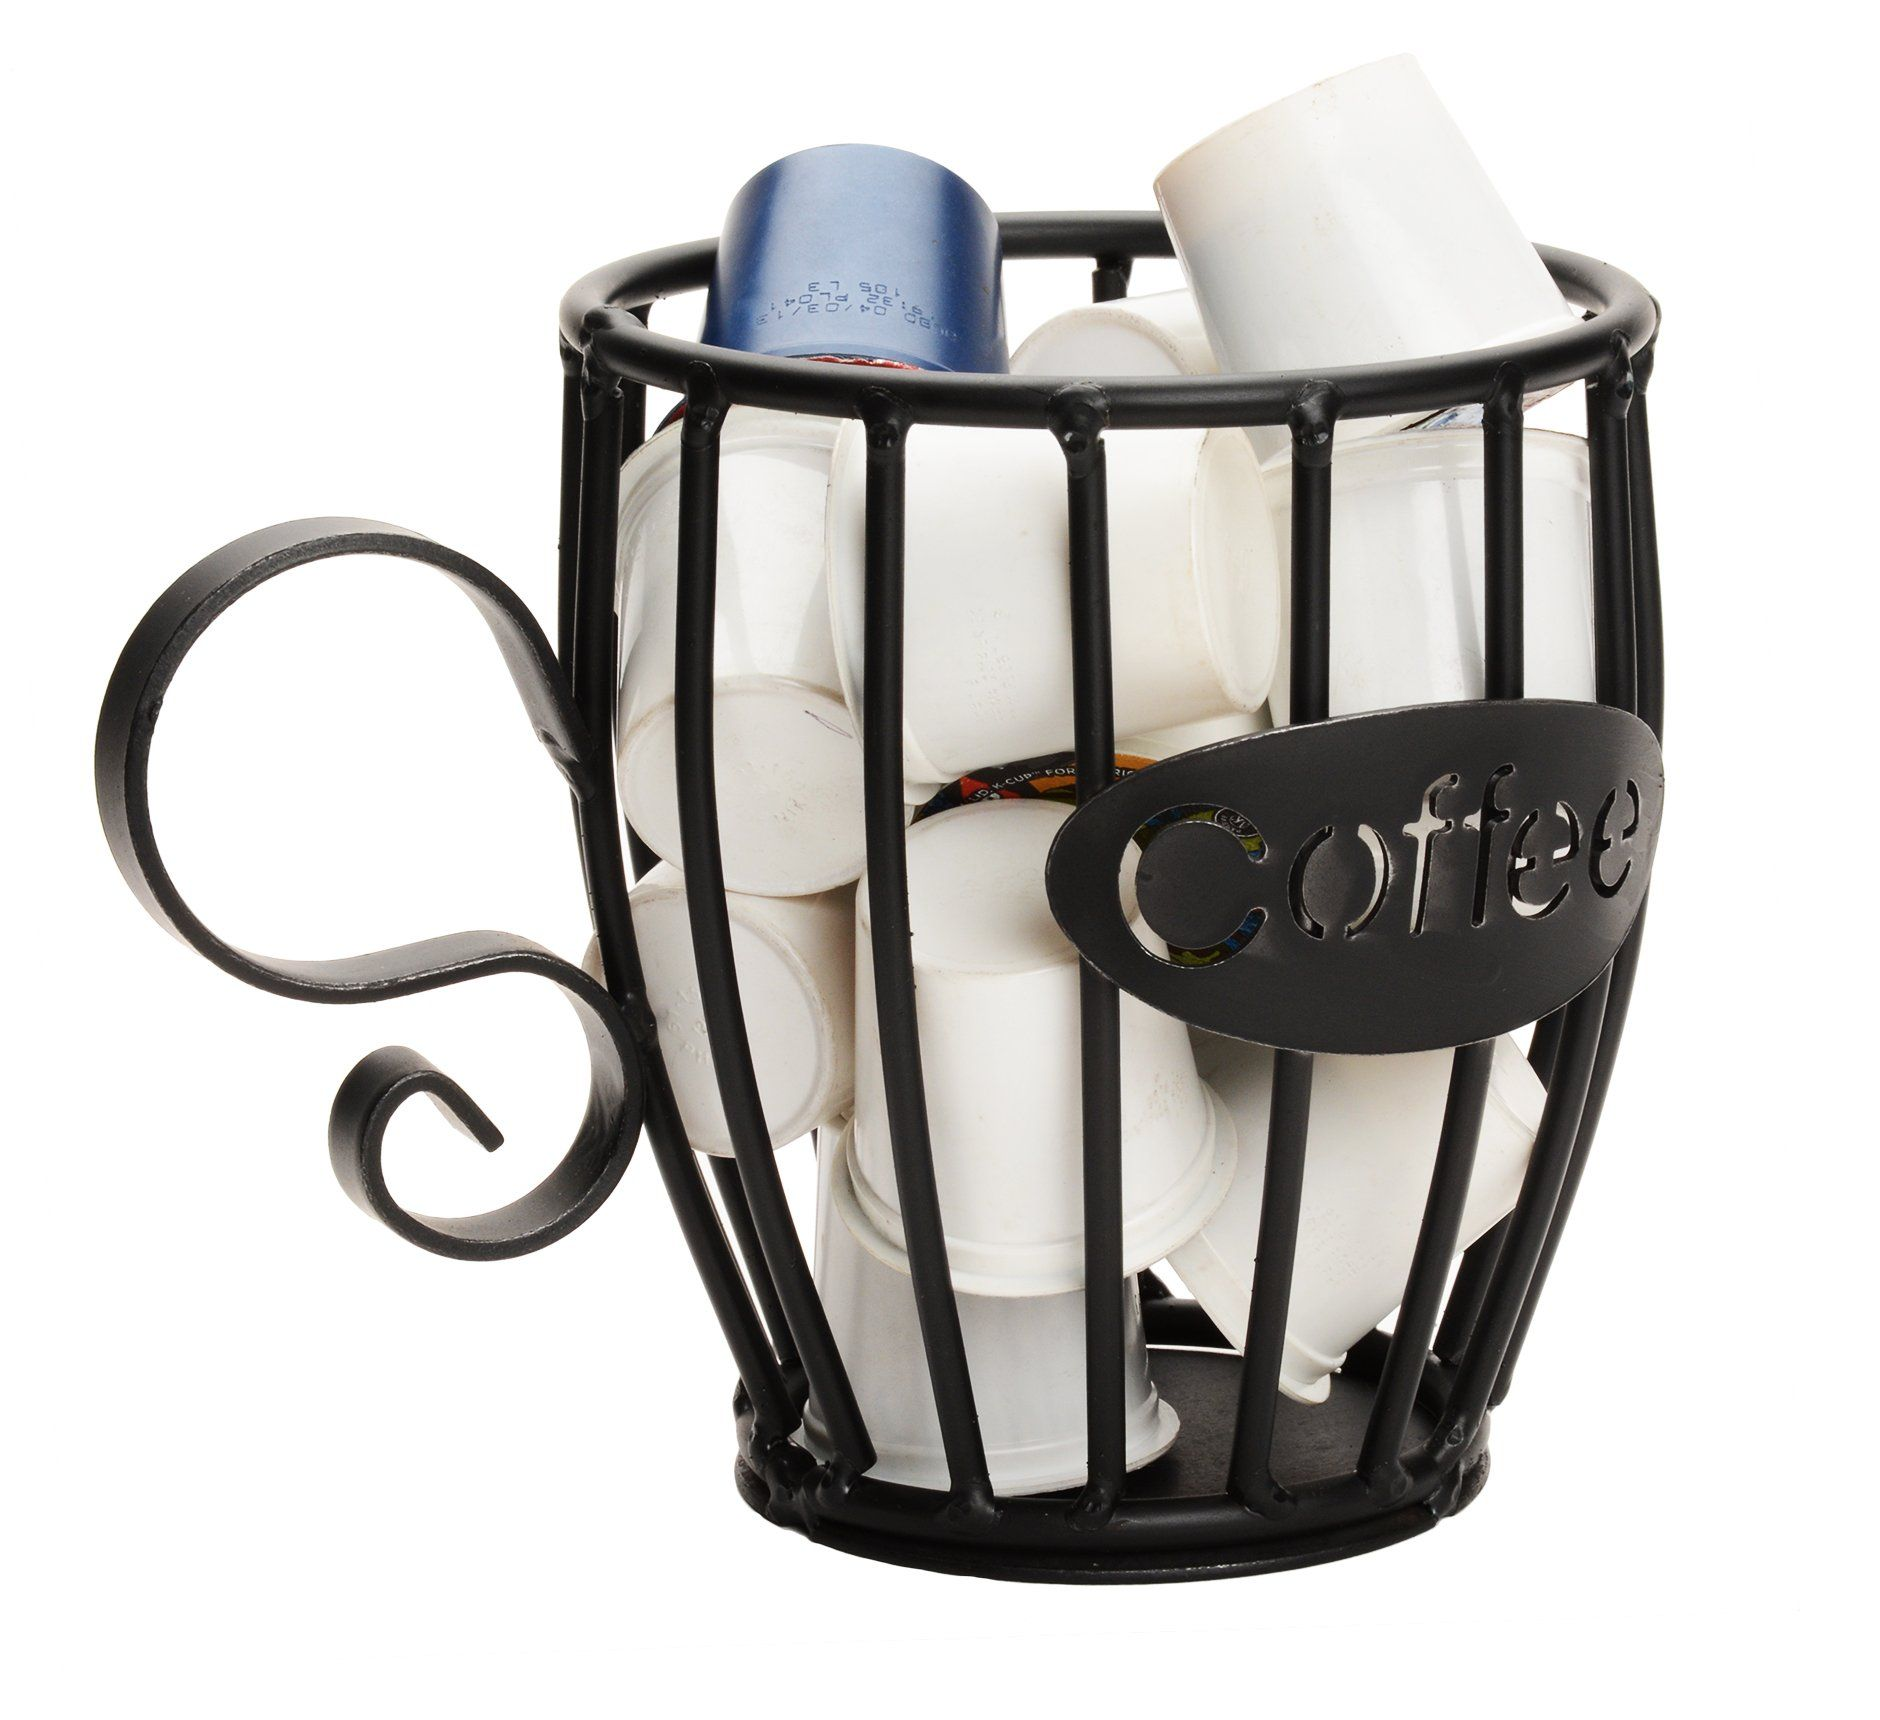 Coffee K Cup Holder Wrought Iron Mug Keurig Pod Storage Rack Usa Coffee Mug Holder K Cup Holders Mugs